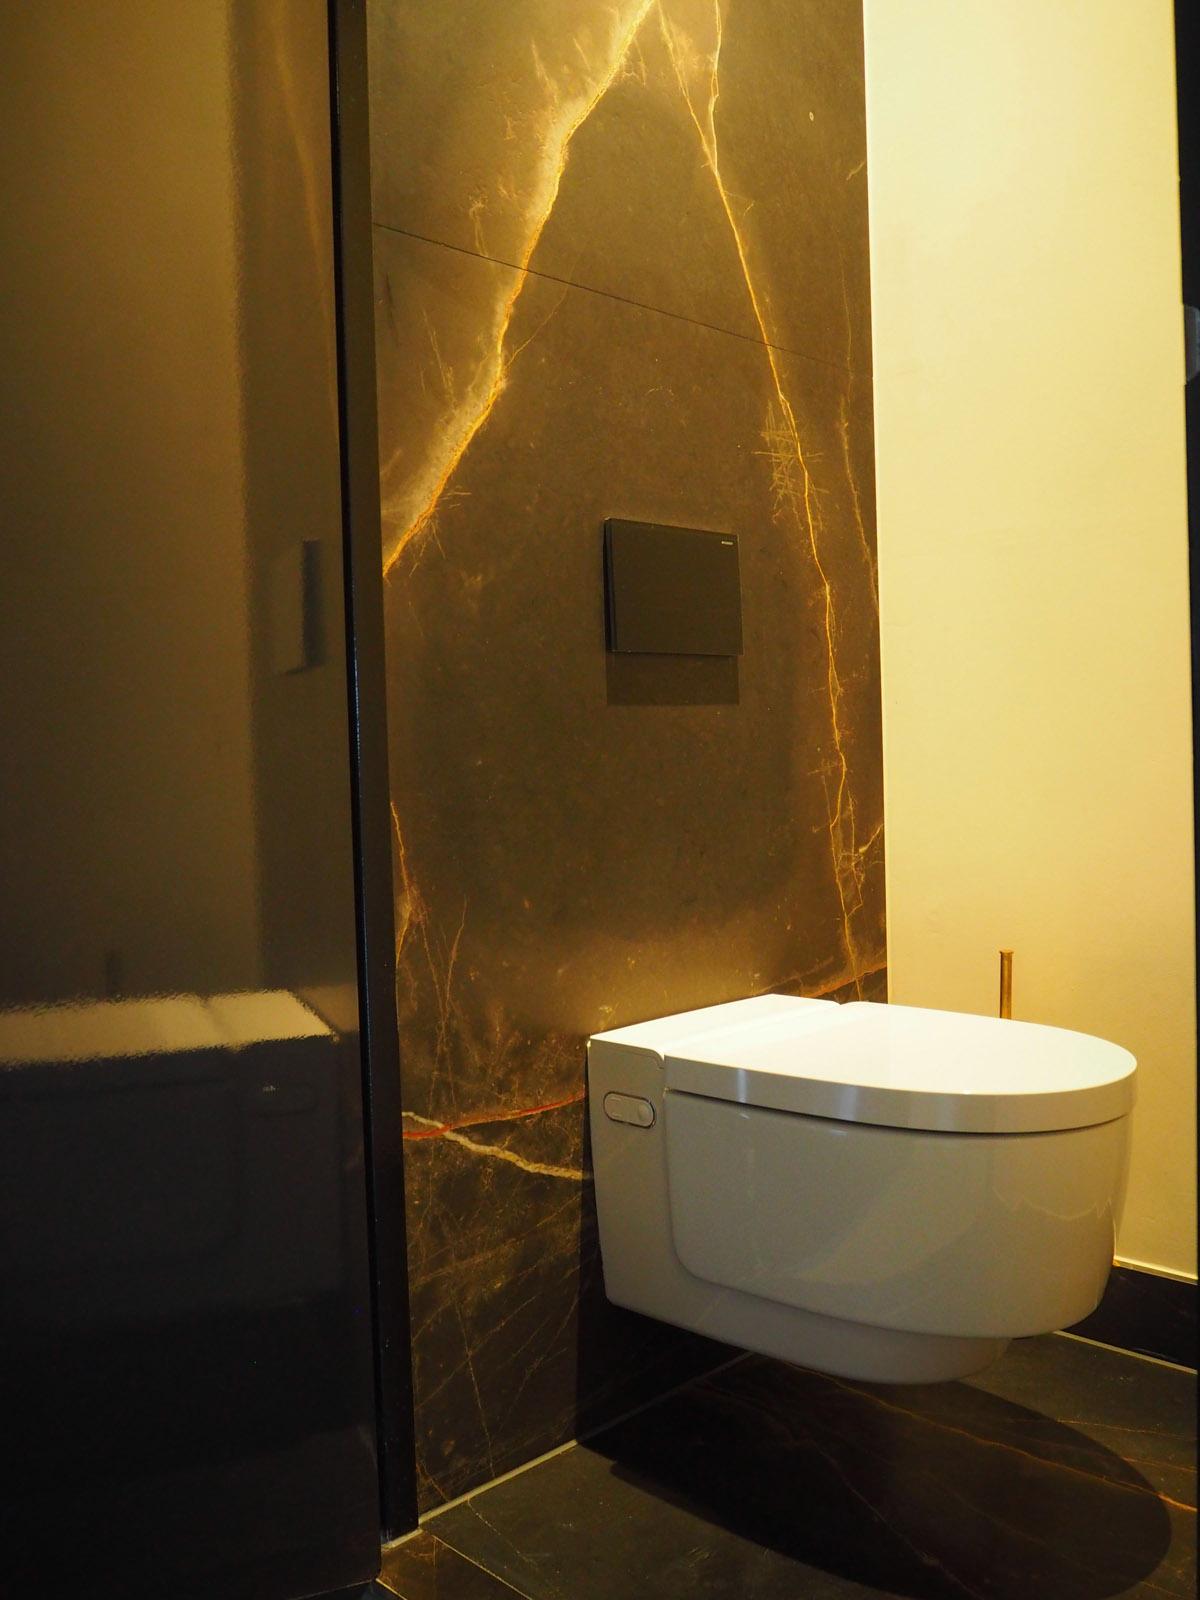 jeroen_de_nijs_ijburg_marble_toilet